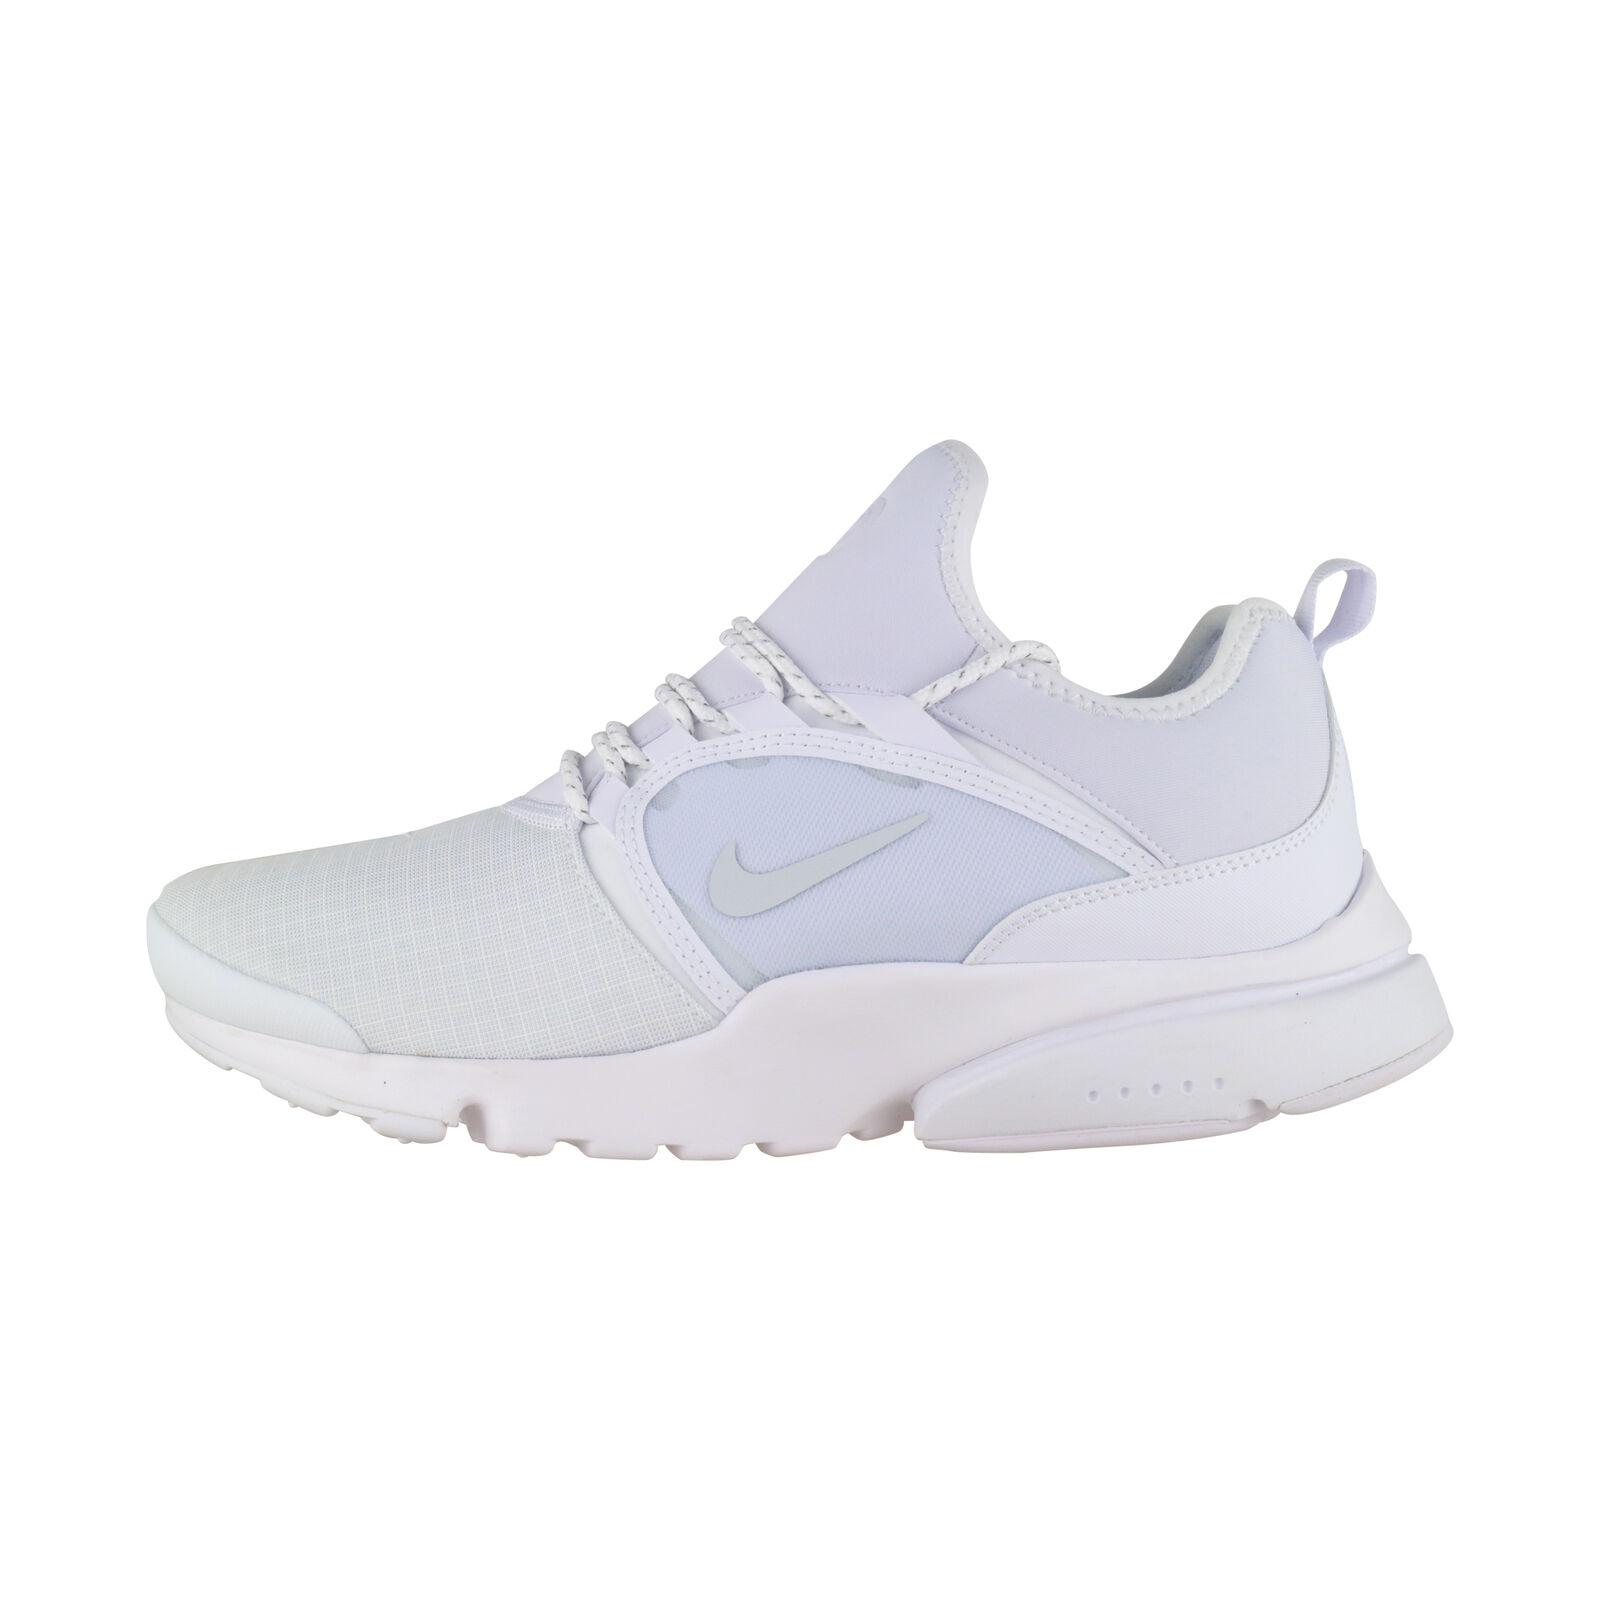 Nike Presto Fly Mundo SU19 whiteo BQ8638-100